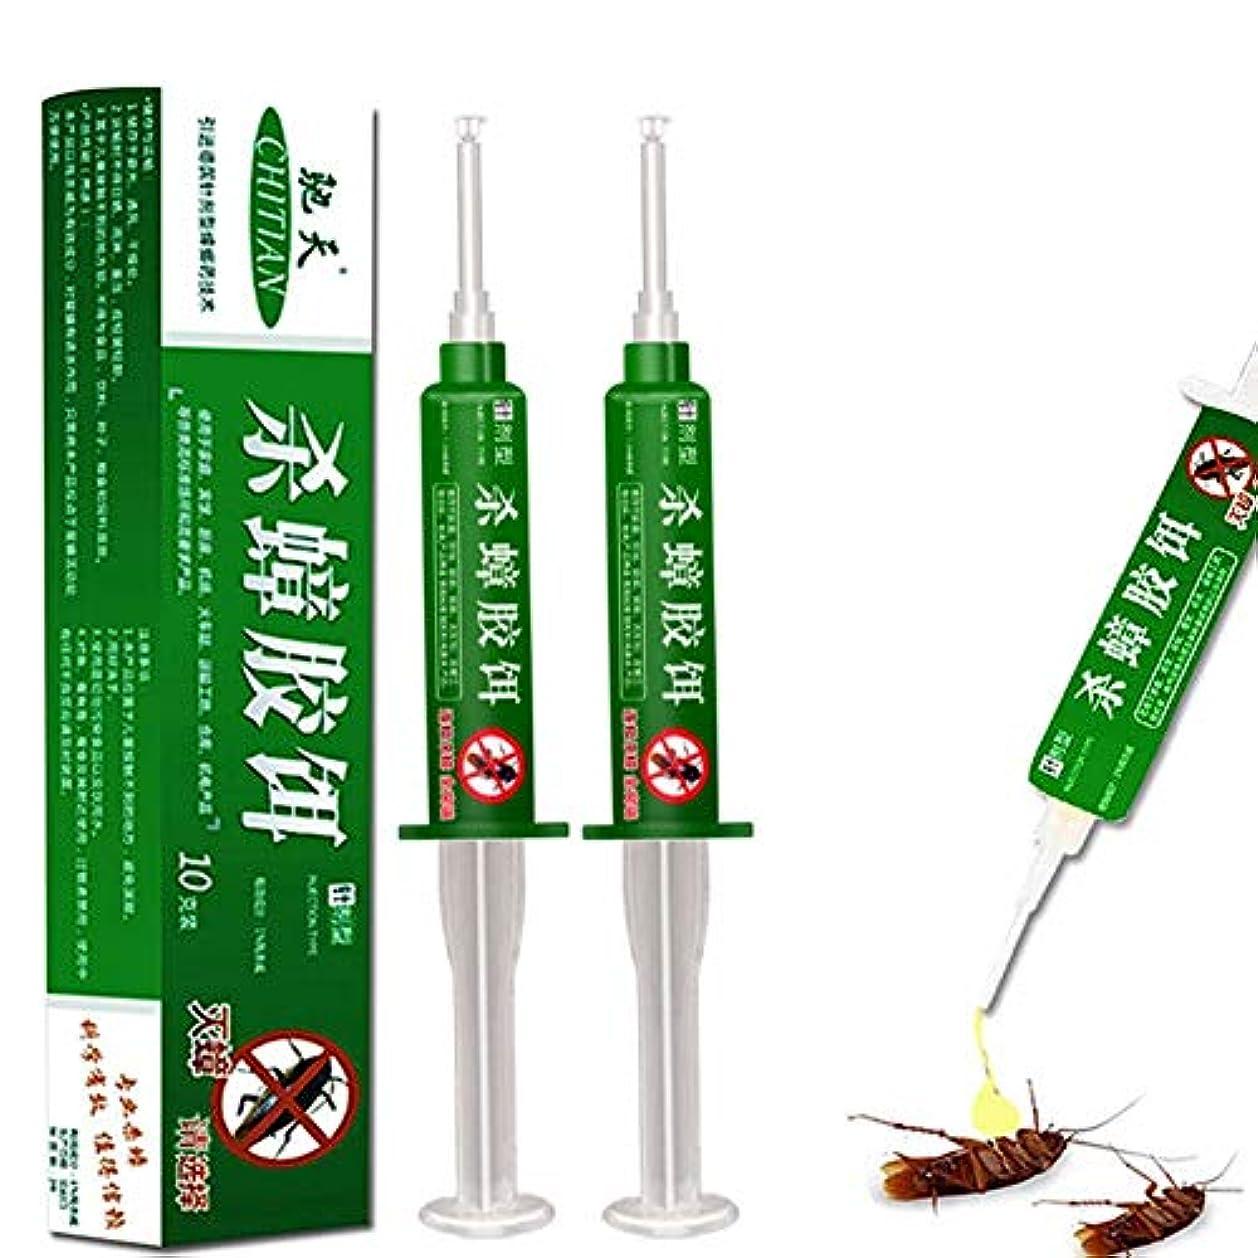 浮く環境に優しいしたがってJuhon 総本店車の殺虫剤 Advionのゴキブリのゲルの餌